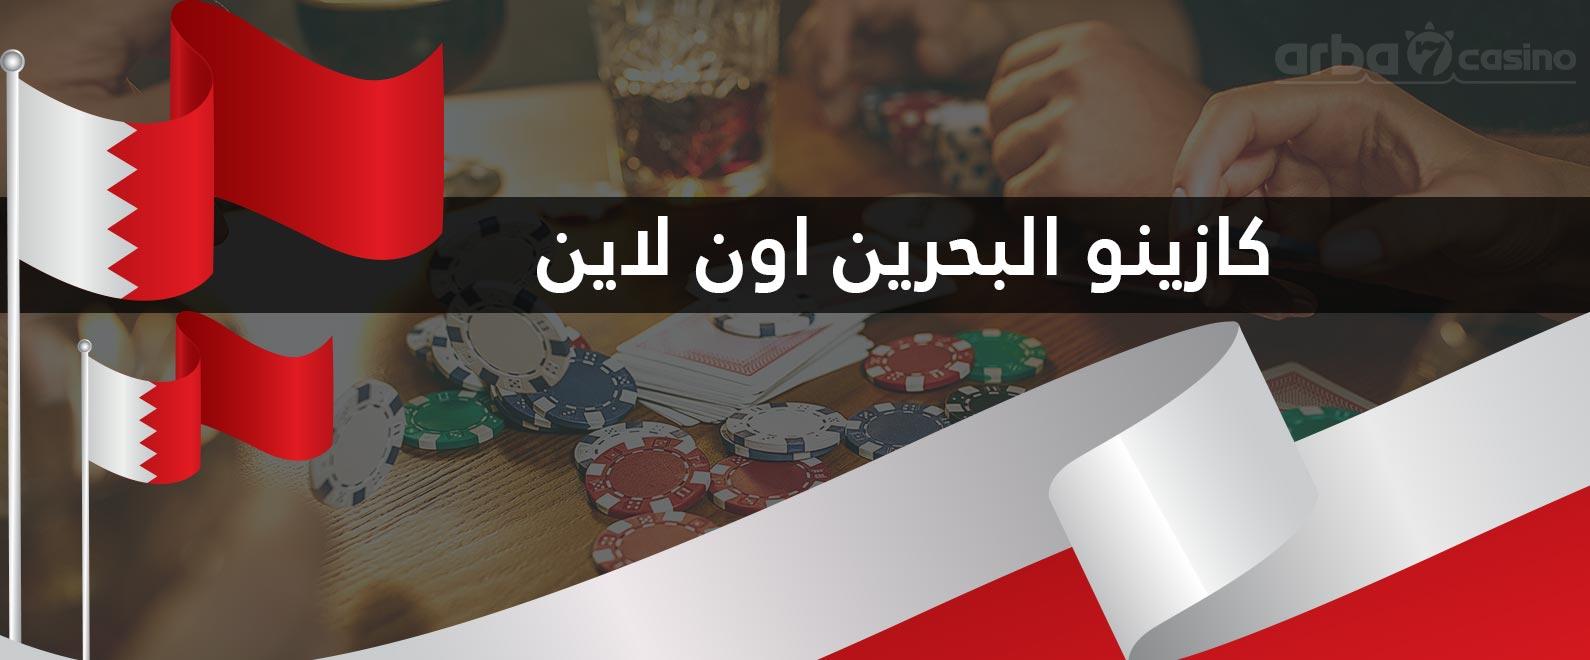 كازينو البحرين اون لاين